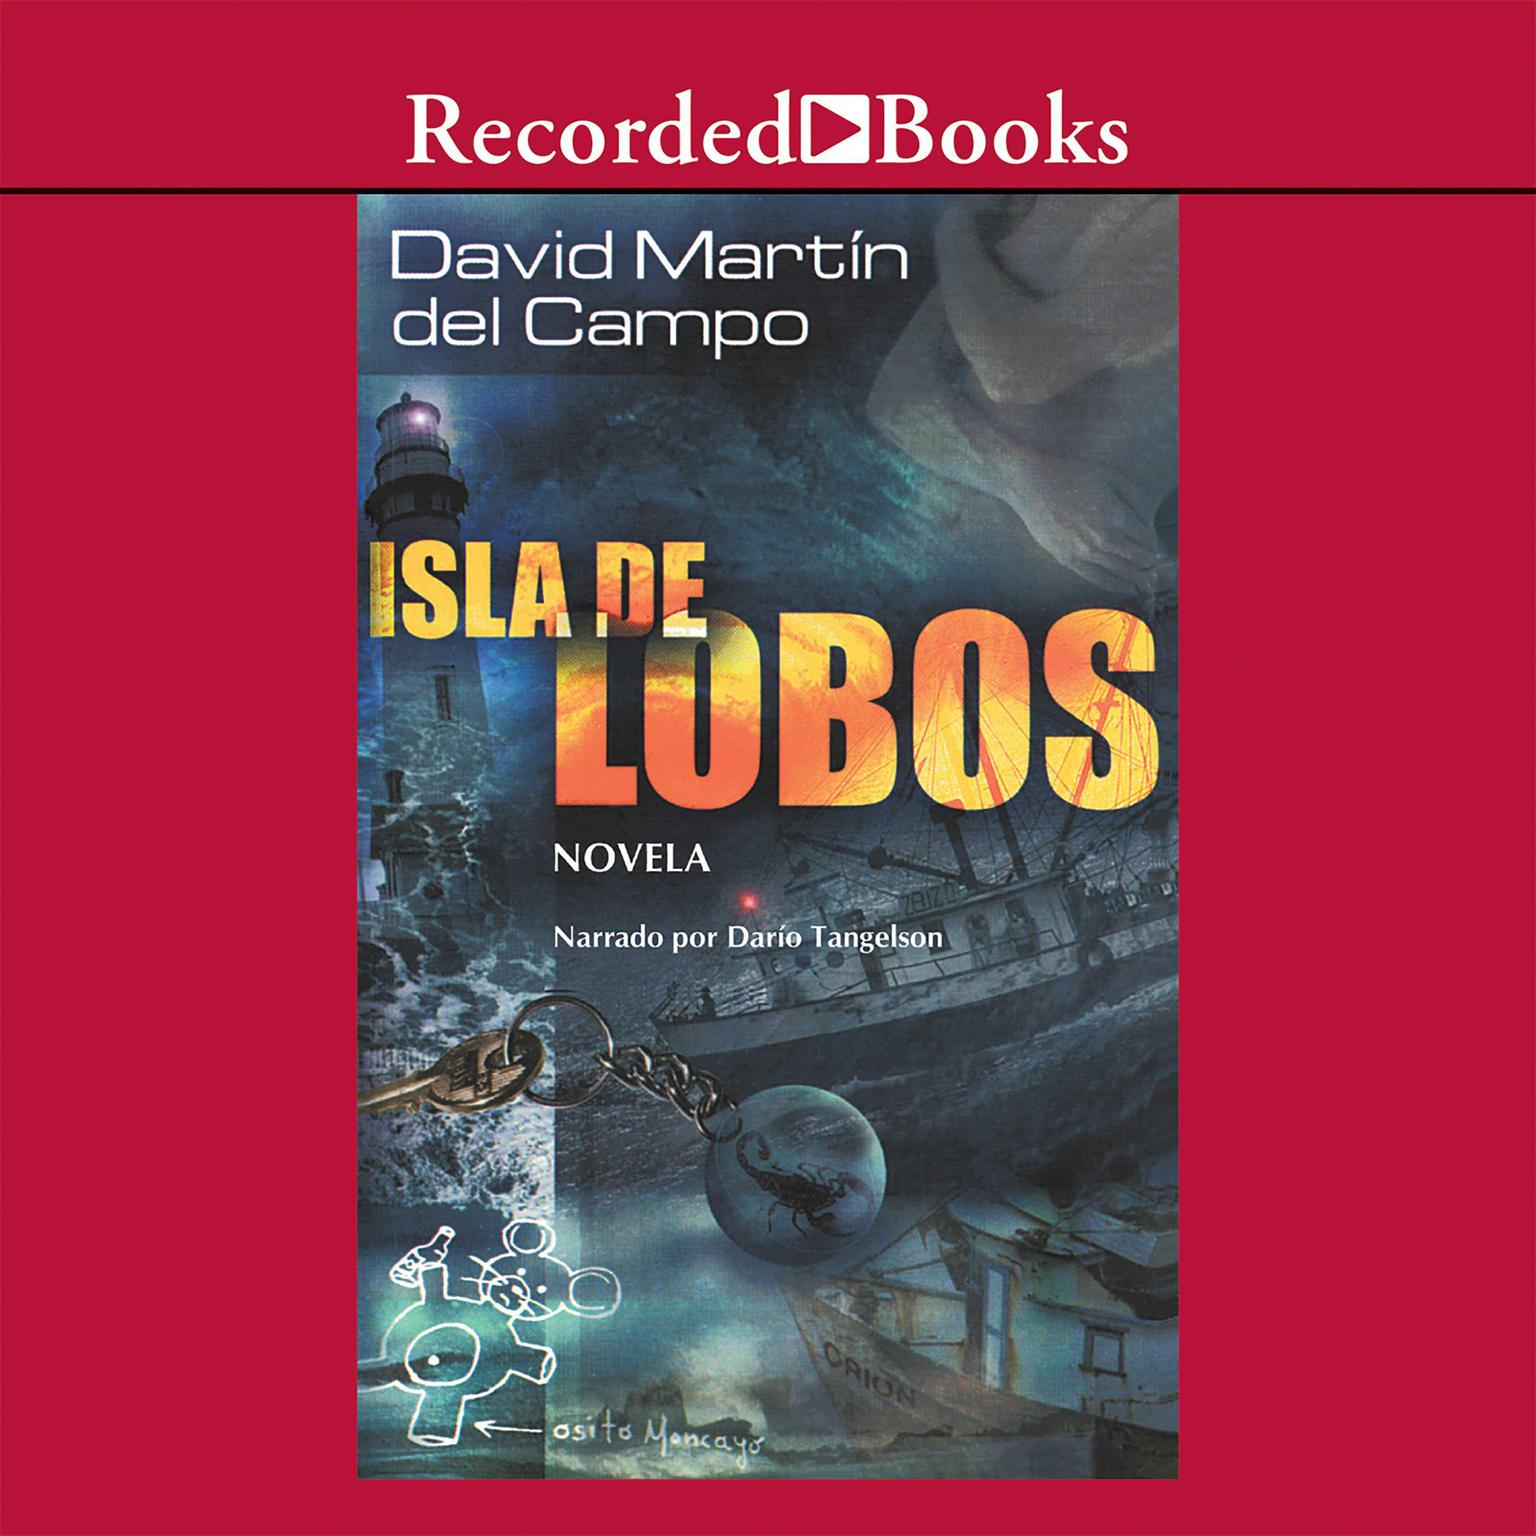 Isla de lobos (Island of the Wolves) Audiobook, by David Martin Del Campo